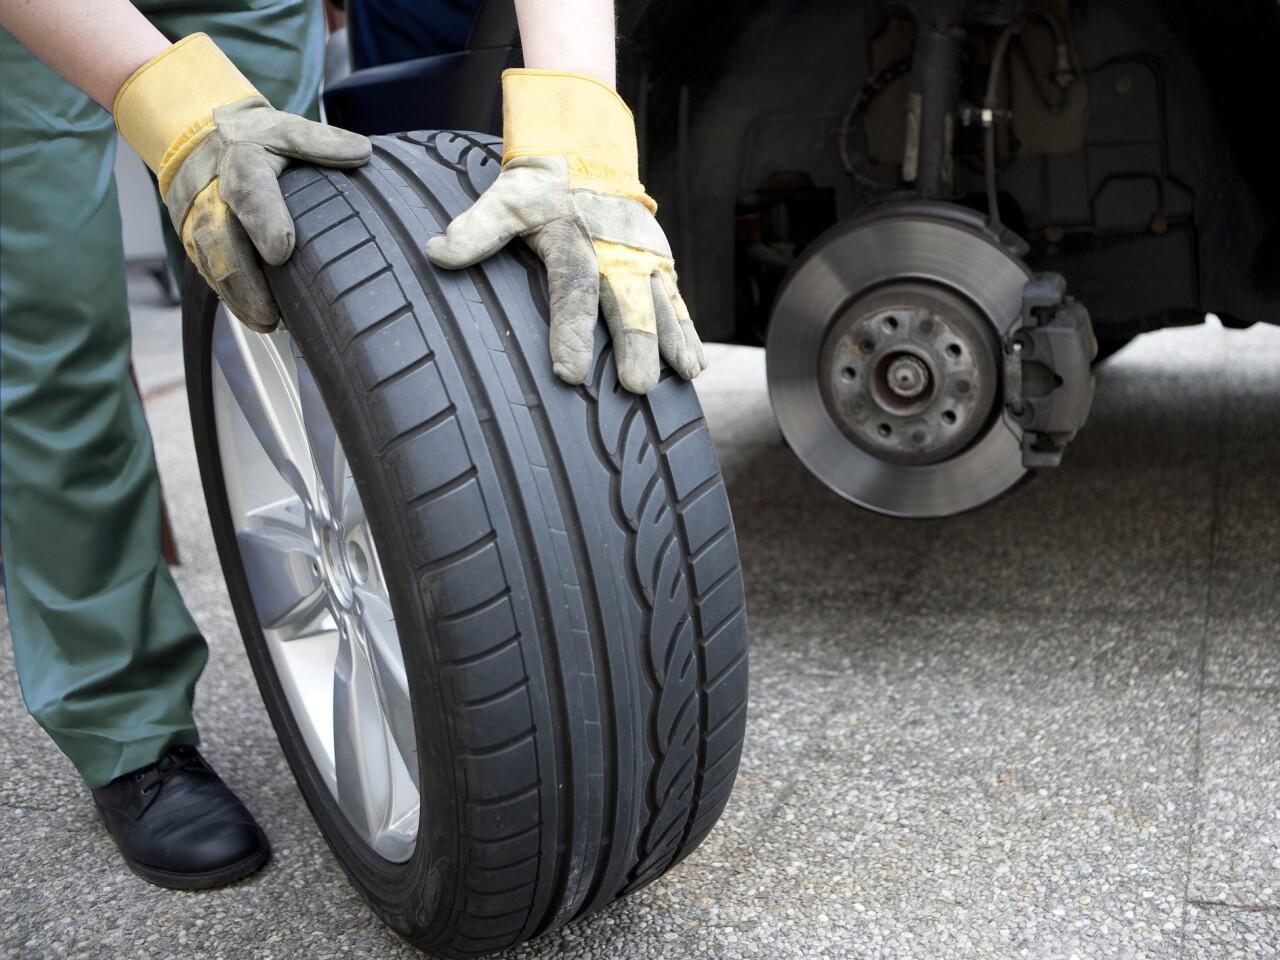 Bild zu Sägezahnbildung am Reifen: Entsteht bei ungleichmäßiger Abnutzung